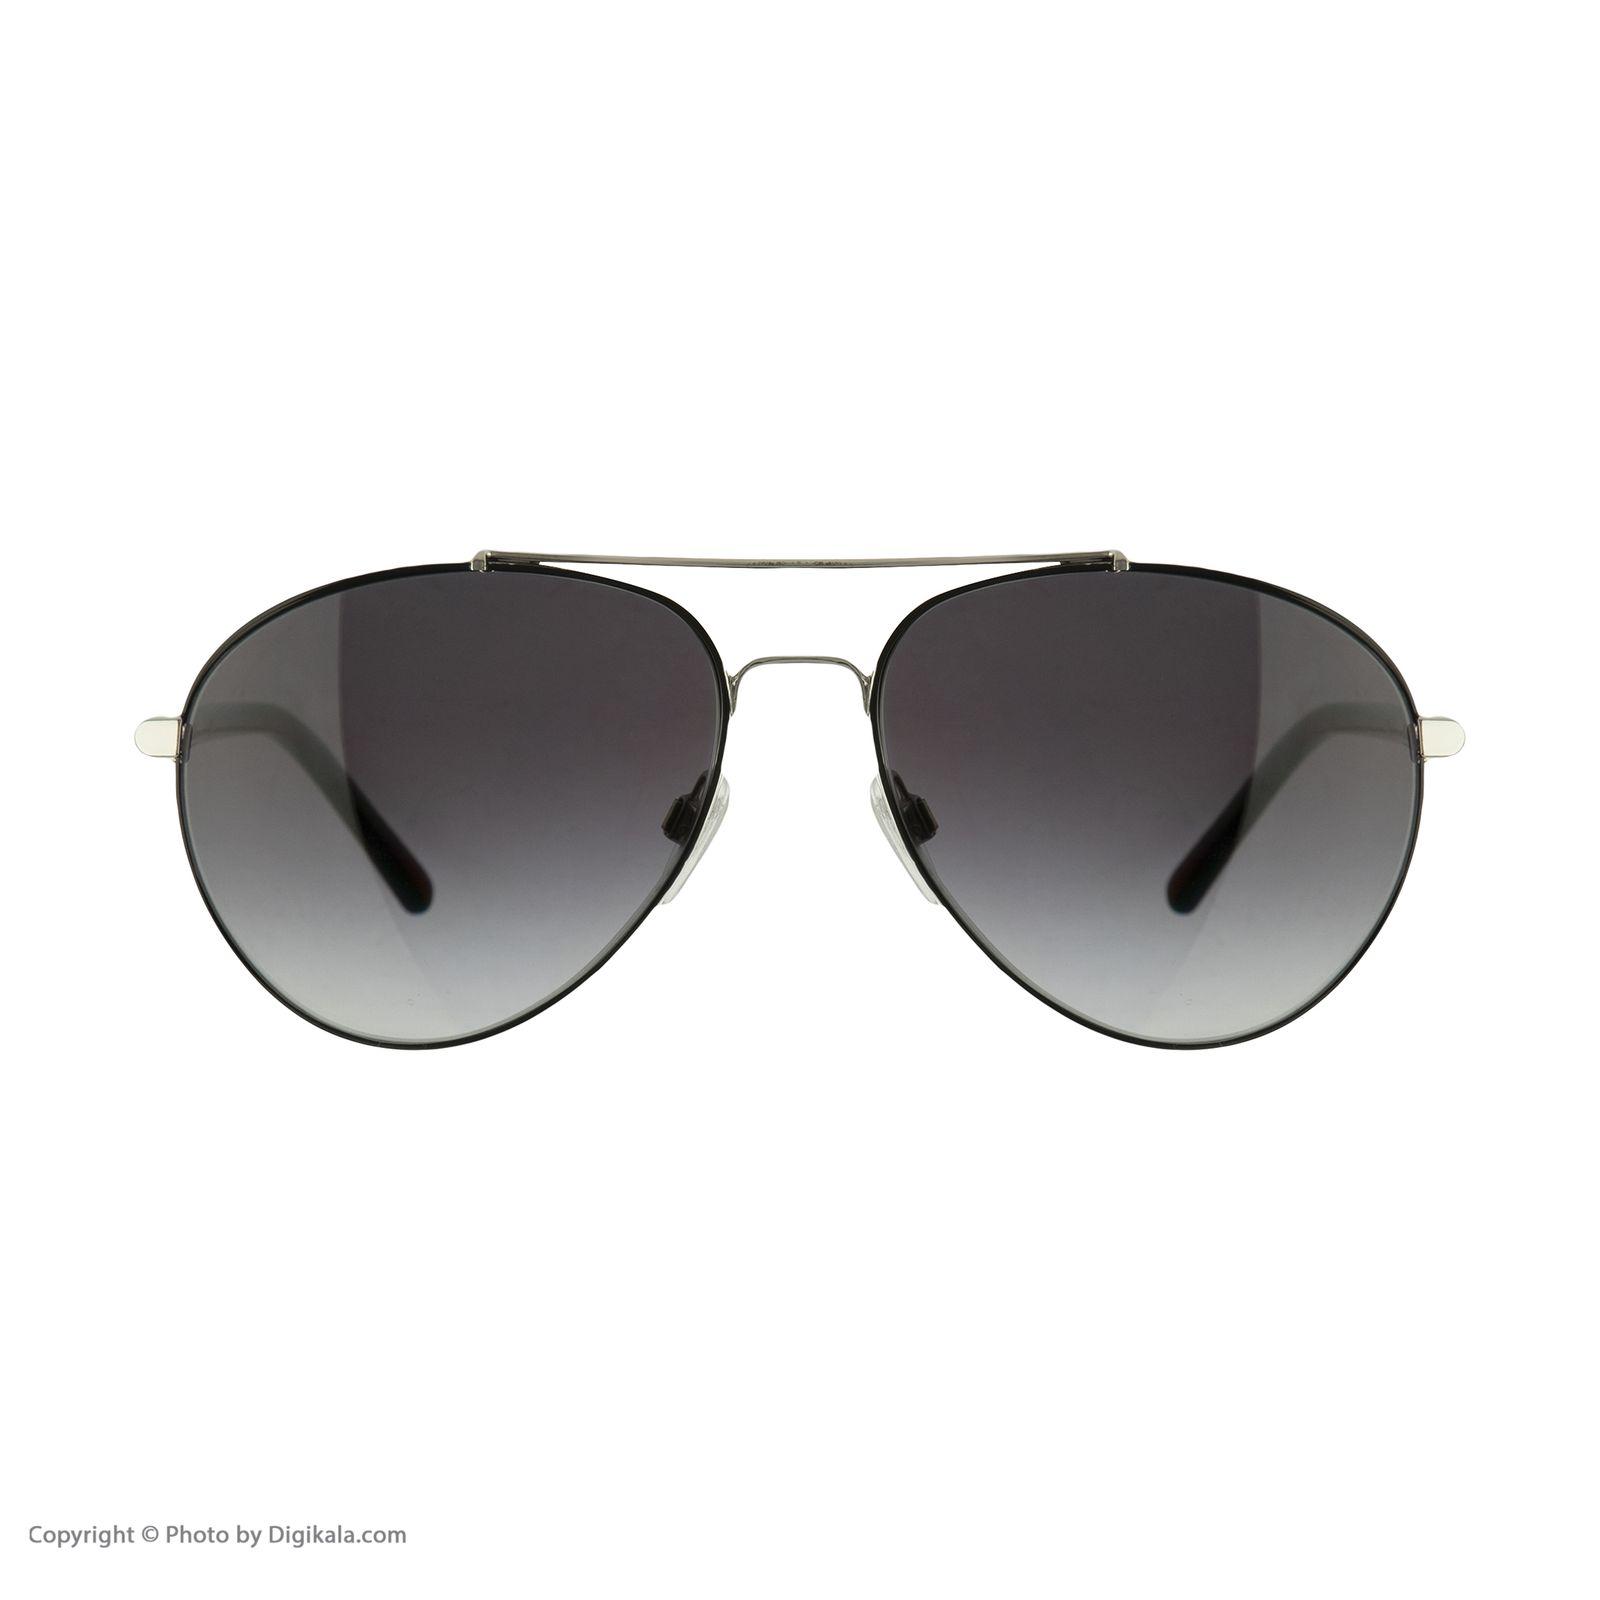 عینک آفتابی زنانه بربری مدل BE 3089S 10058G 58 -  - 3